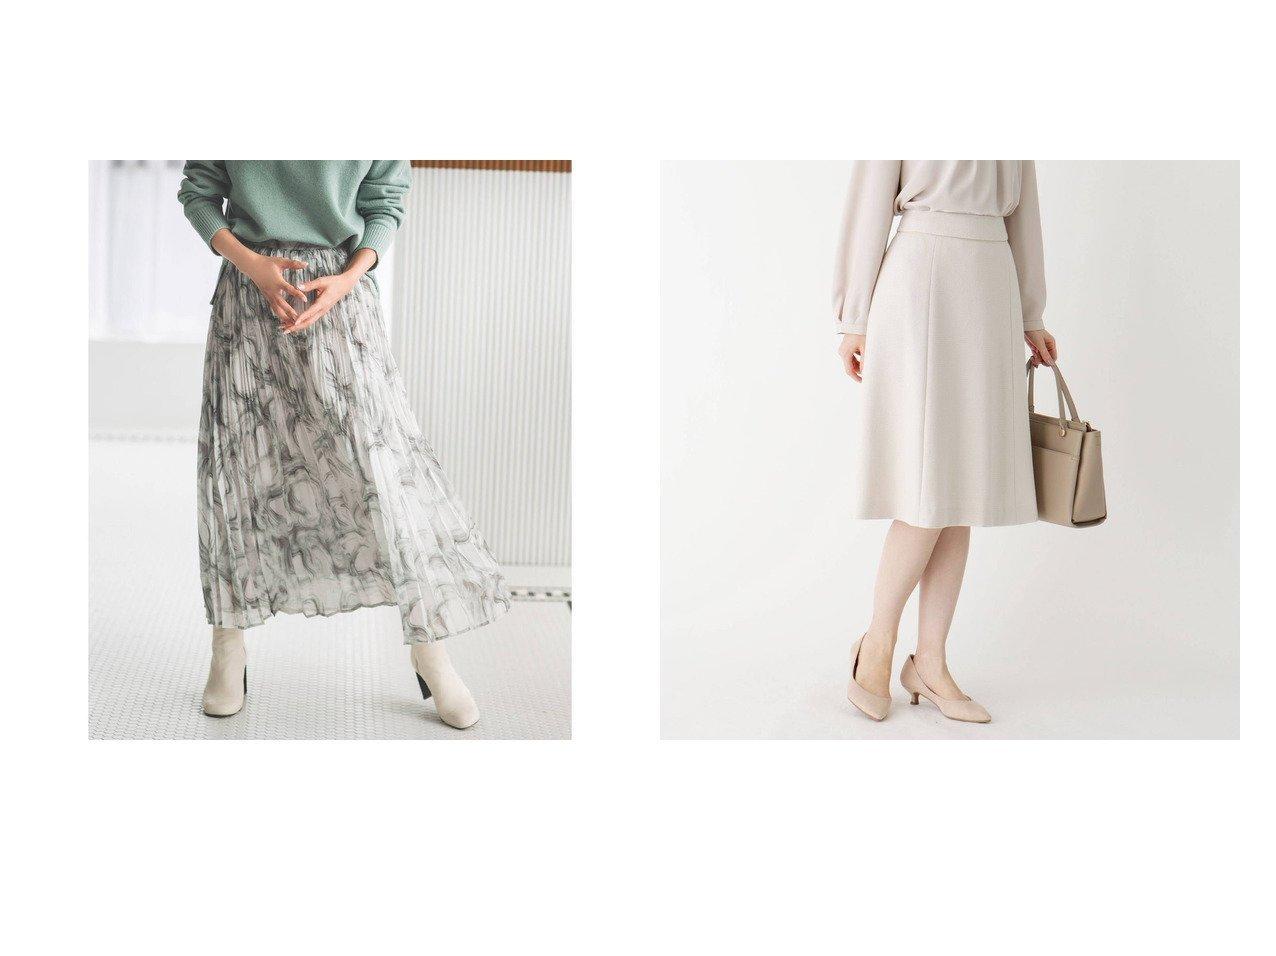 【OPAQUE.CLIP/オペークドットクリップ】の【WEB限定サイズ】マーブルプリント ランダムプリーツフレアスカート&【INDEX/インデックス】の【WEB限定サイズ】スパークルツイードAラインフレアスカート スカートのおすすめ!人気、レディースファッションの通販 おすすめで人気のファッション通販商品 インテリア・家具・キッズファッション・メンズファッション・レディースファッション・服の通販 founy(ファニー) https://founy.com/ ファッション Fashion レディース WOMEN スカート Skirt Aライン/フレアスカート Flared A-Line Skirts ショート スウェット 雑誌 パーカー プリント プリーツ マーブル ミドル ランダム ロング ジャケット セットアップ ツイード ベーシック  ID:crp329100000002702